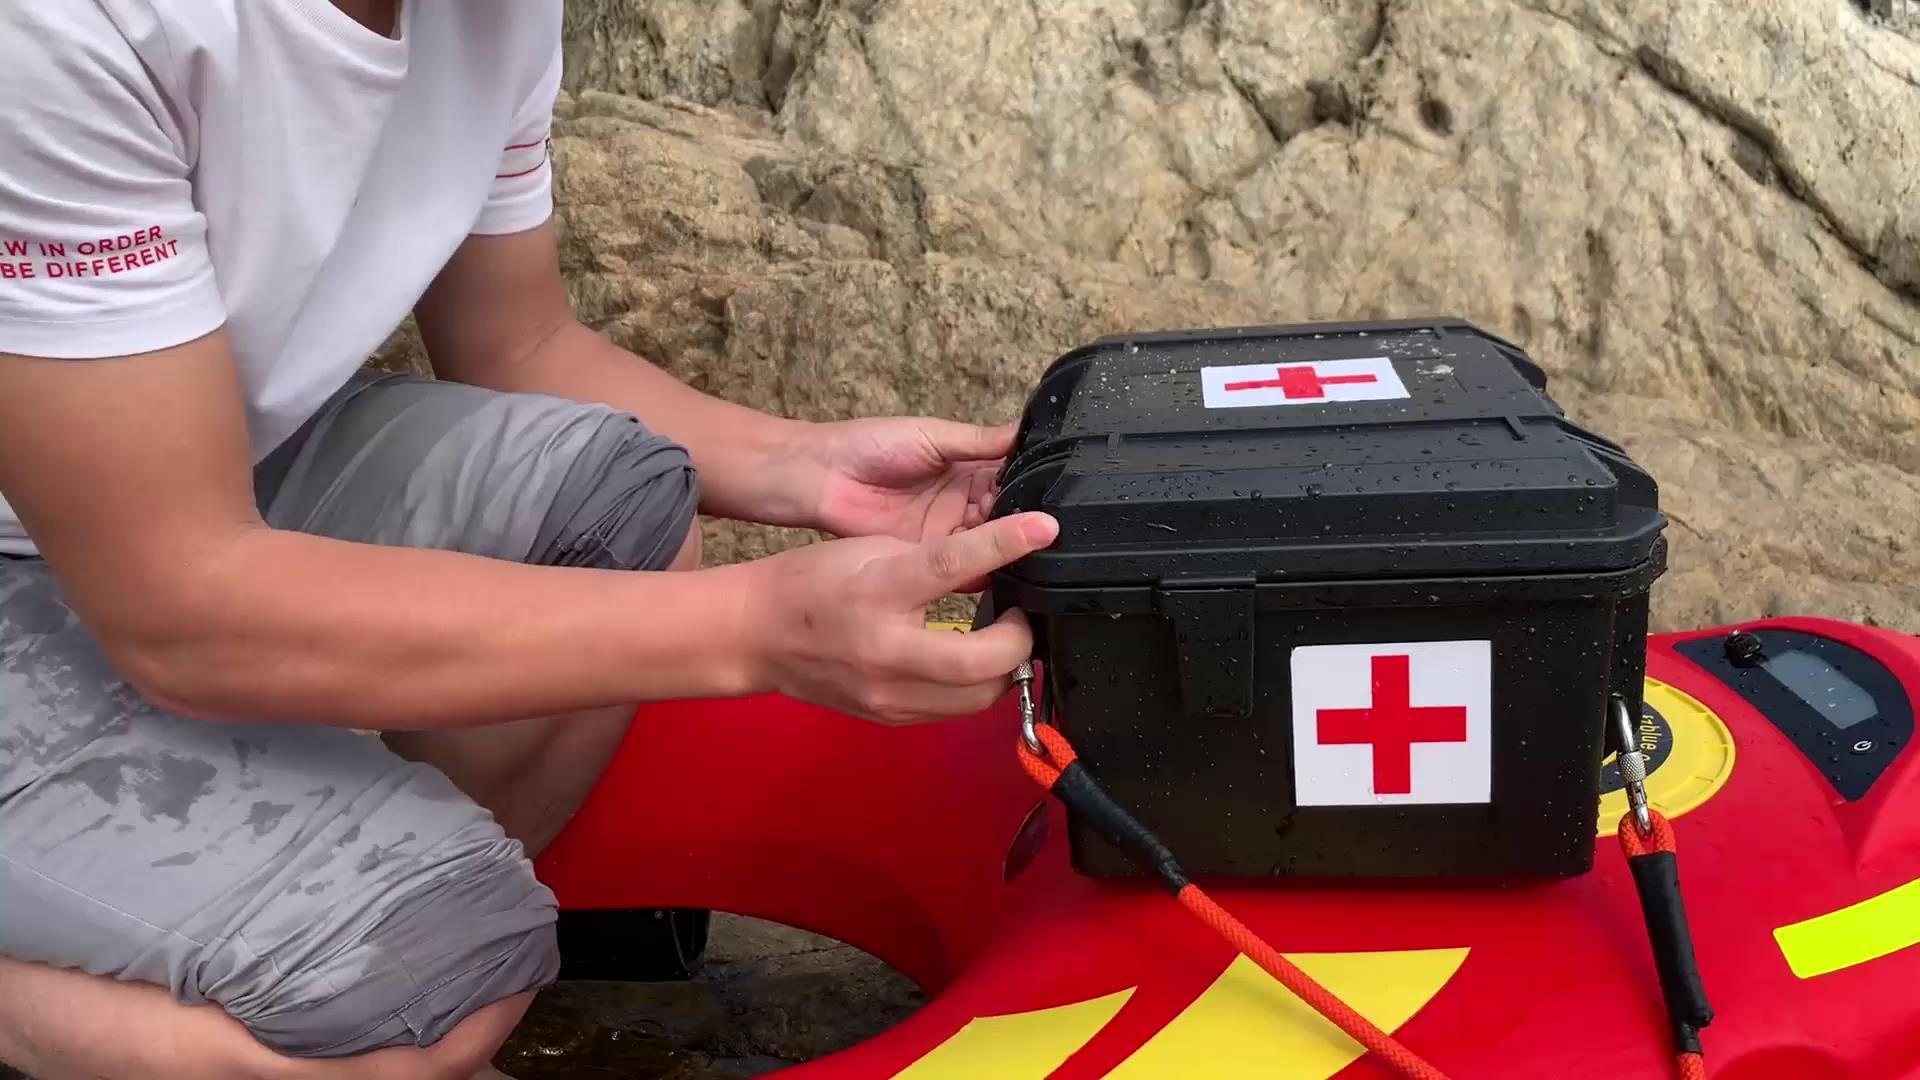 水上救援机器人物资递送应用